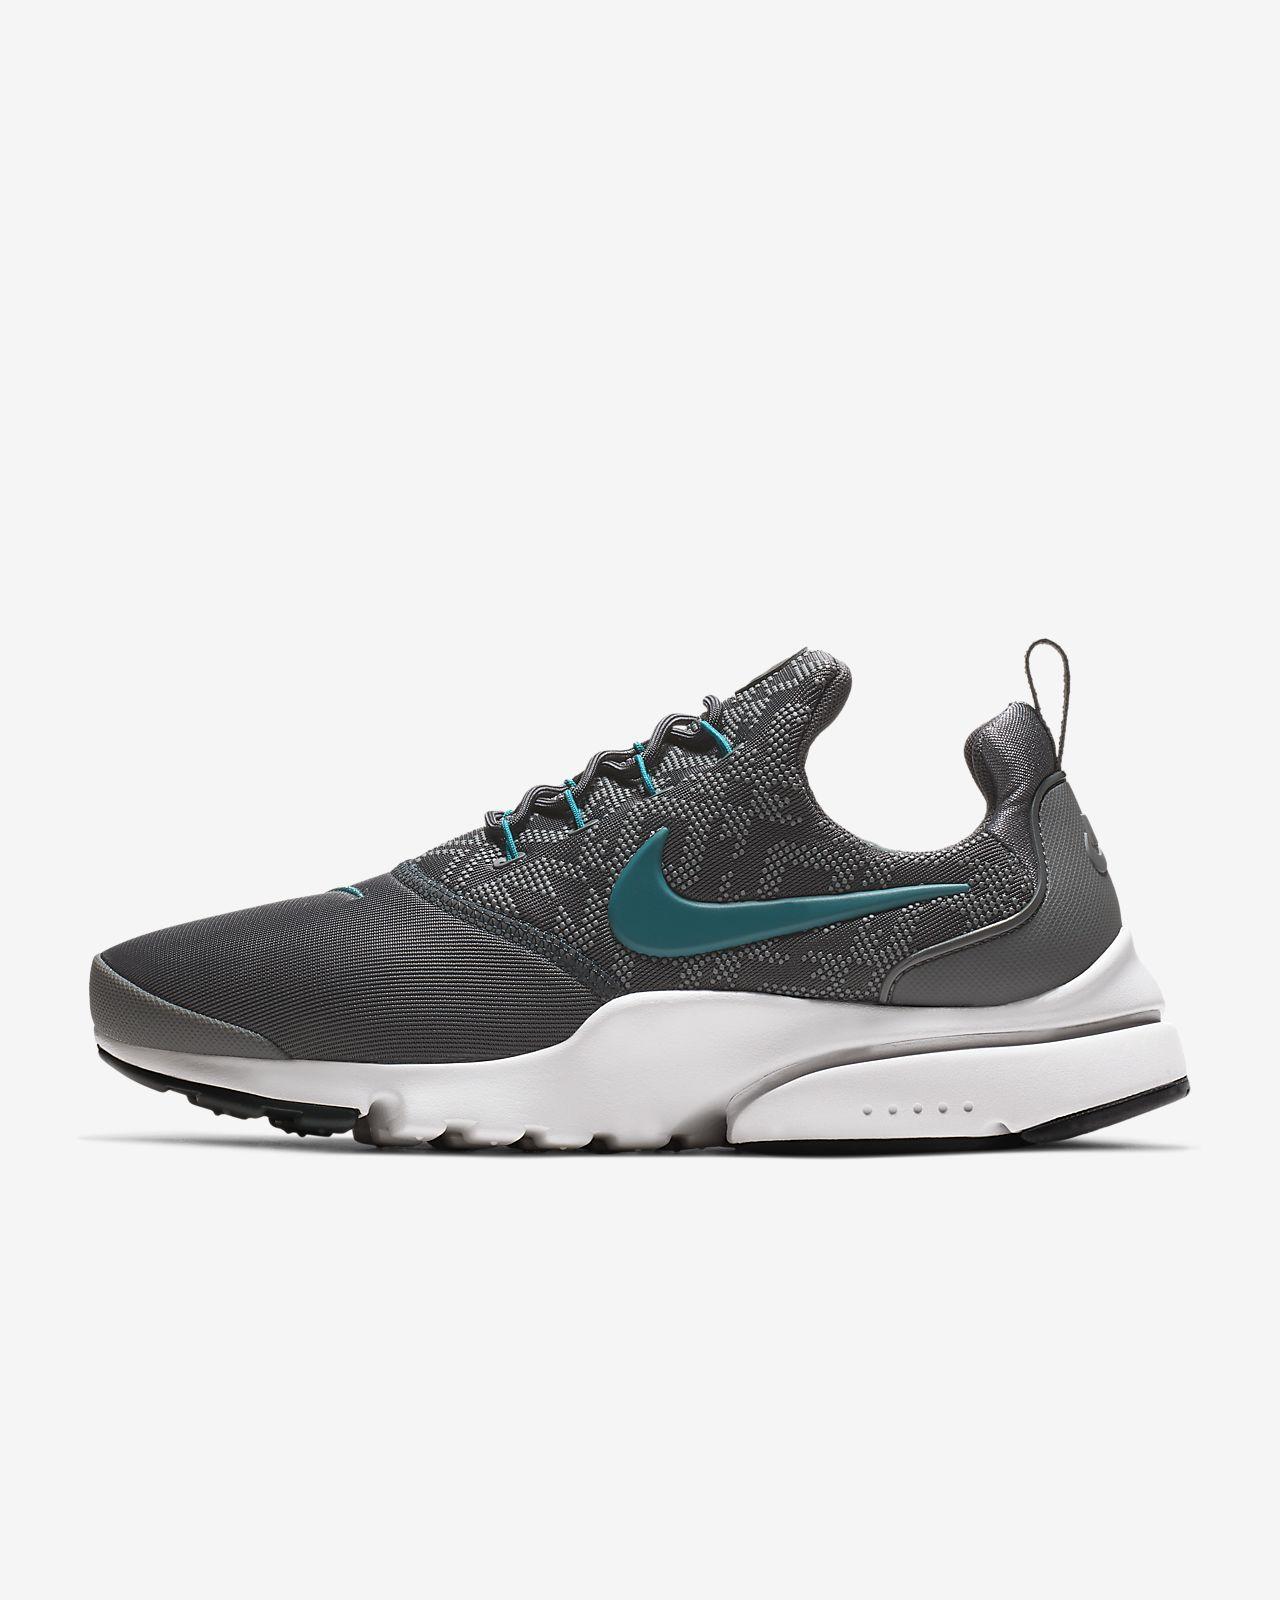 520131d89e7d Nike Presto Fly Premium N7 Women s Shoe. Nike.com